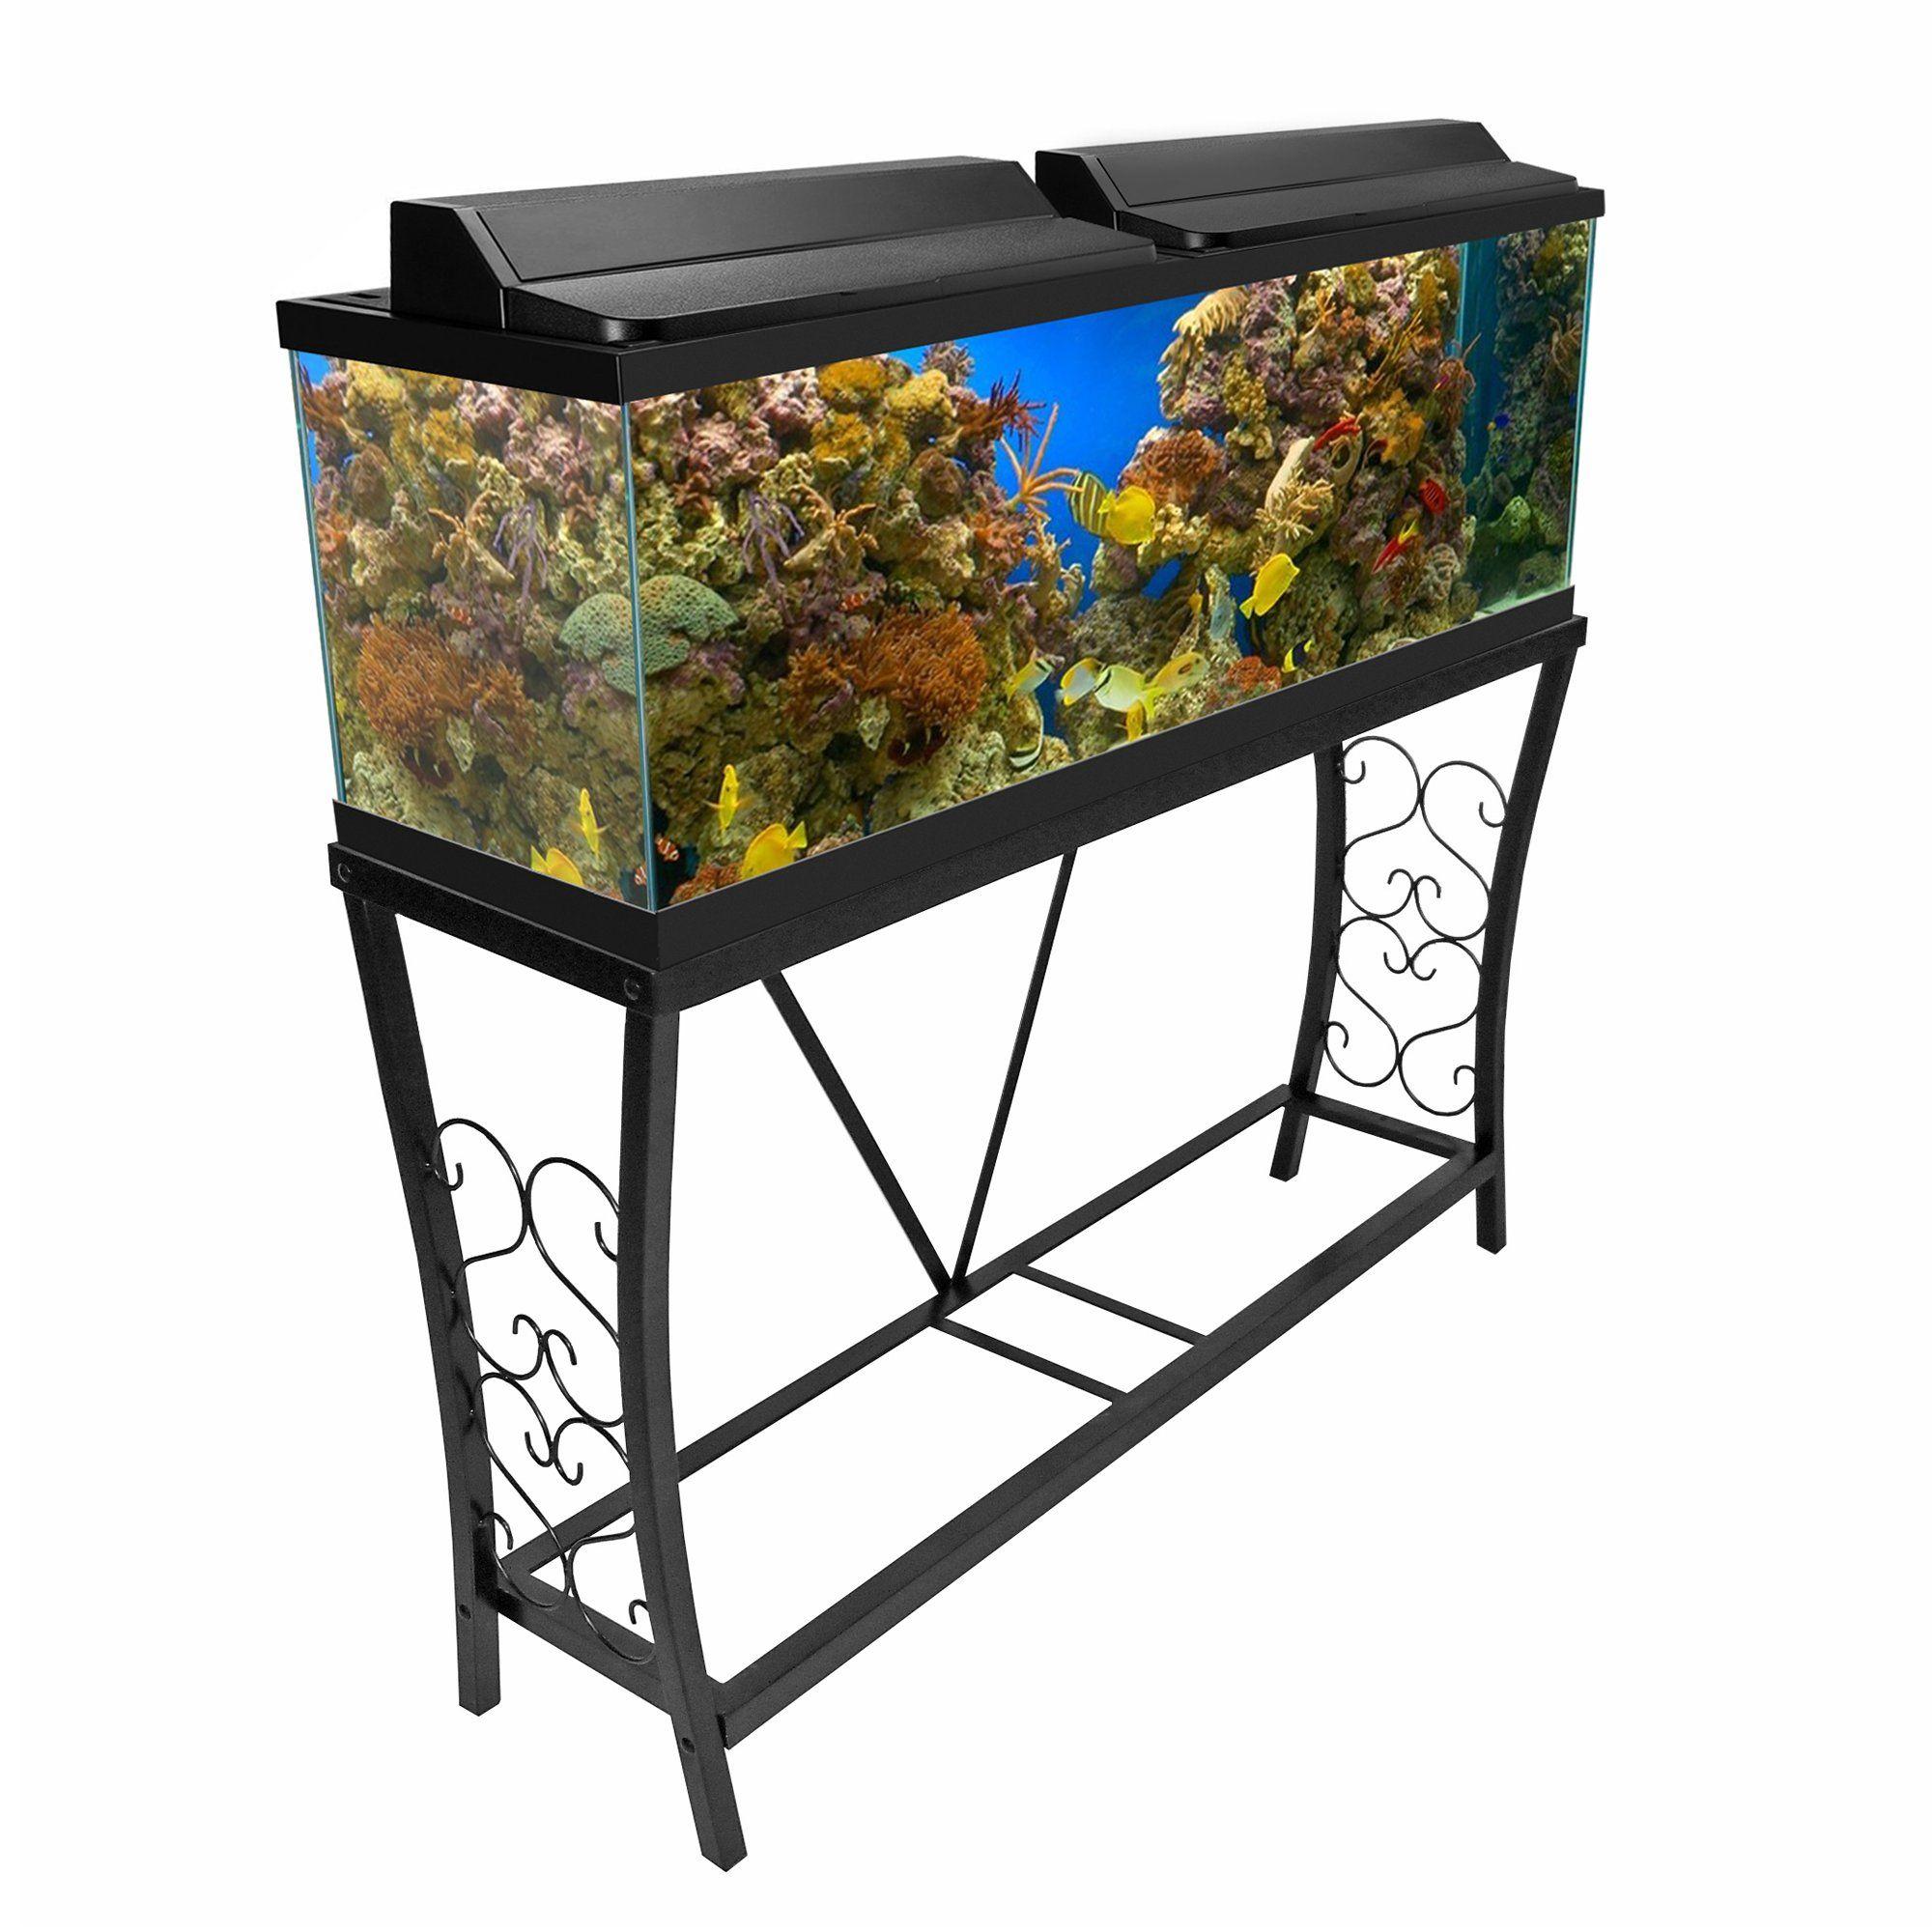 Aquatic Fundamentals Black Scroll Aquarium Stand 55 Gallons